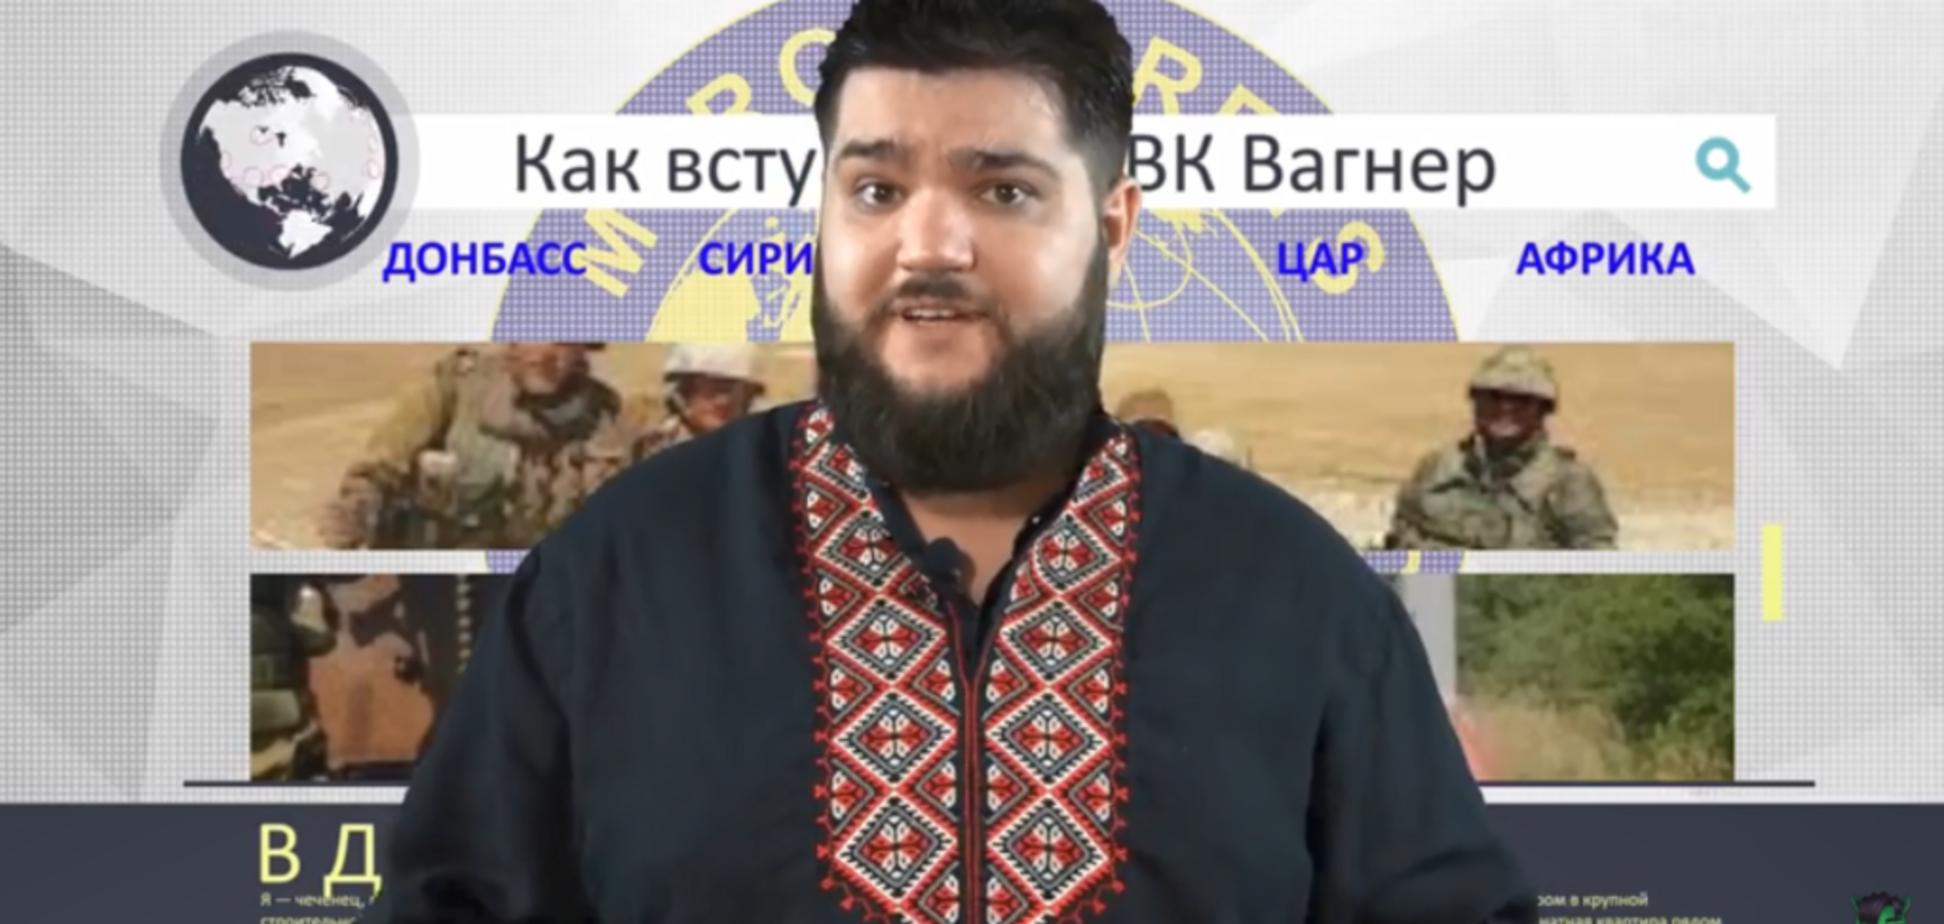 Расследование: россияне готовы утопить Украину в крови